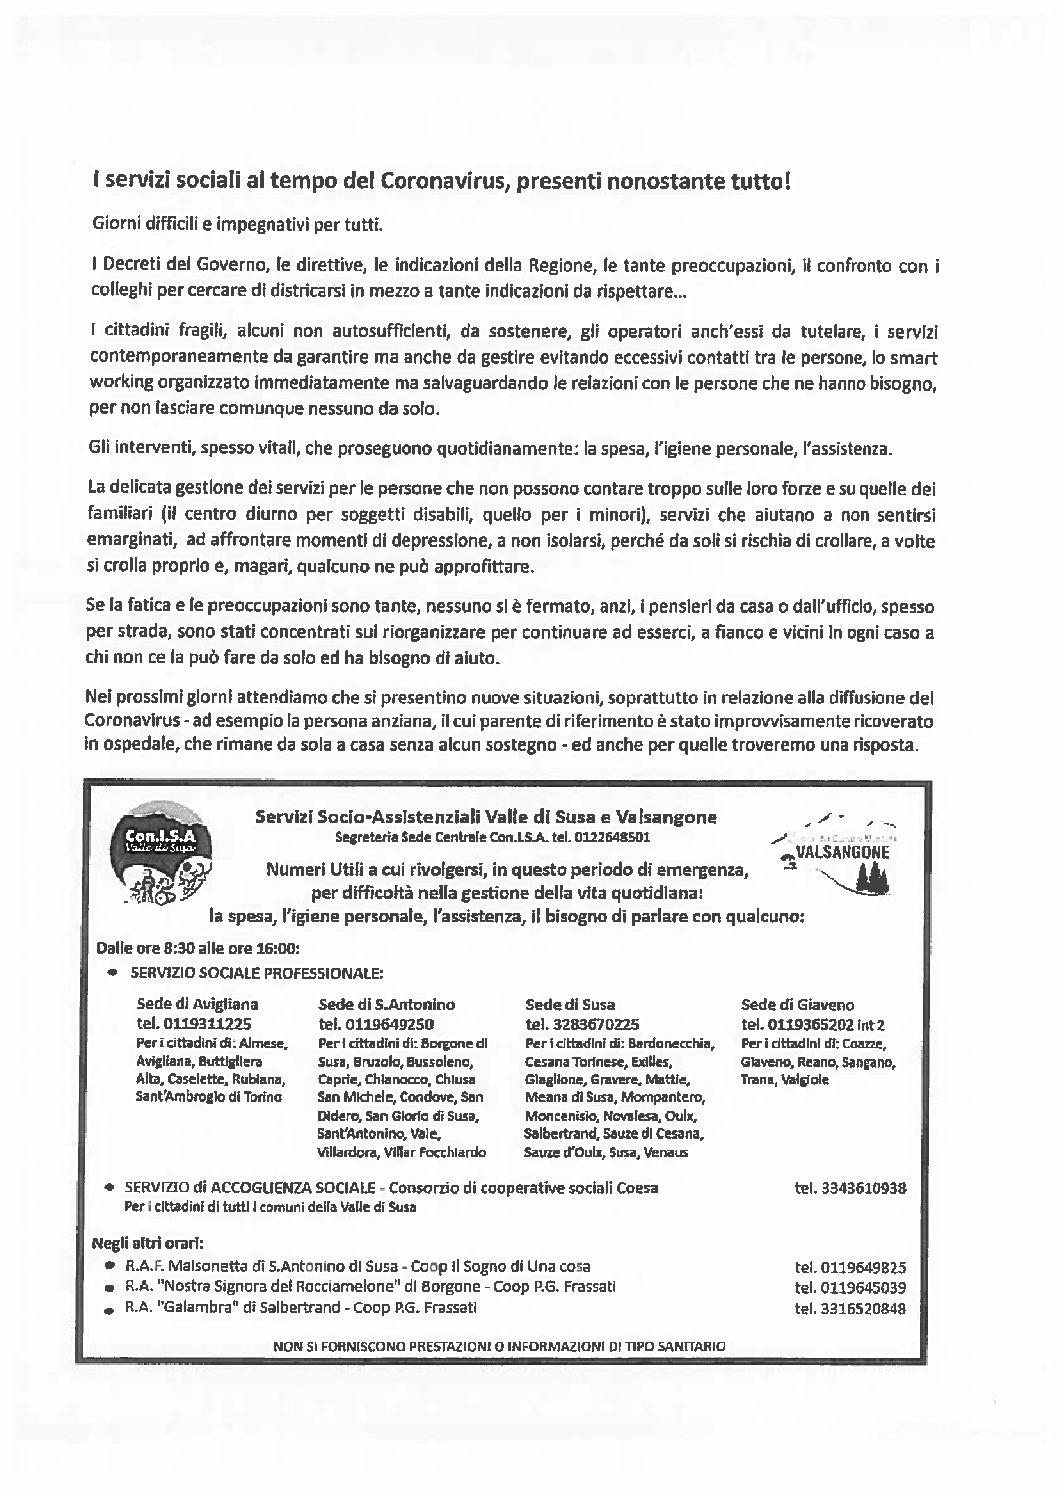 I SERVIZI SOCIALI AL TEMPO DEL CORONAVIRUS